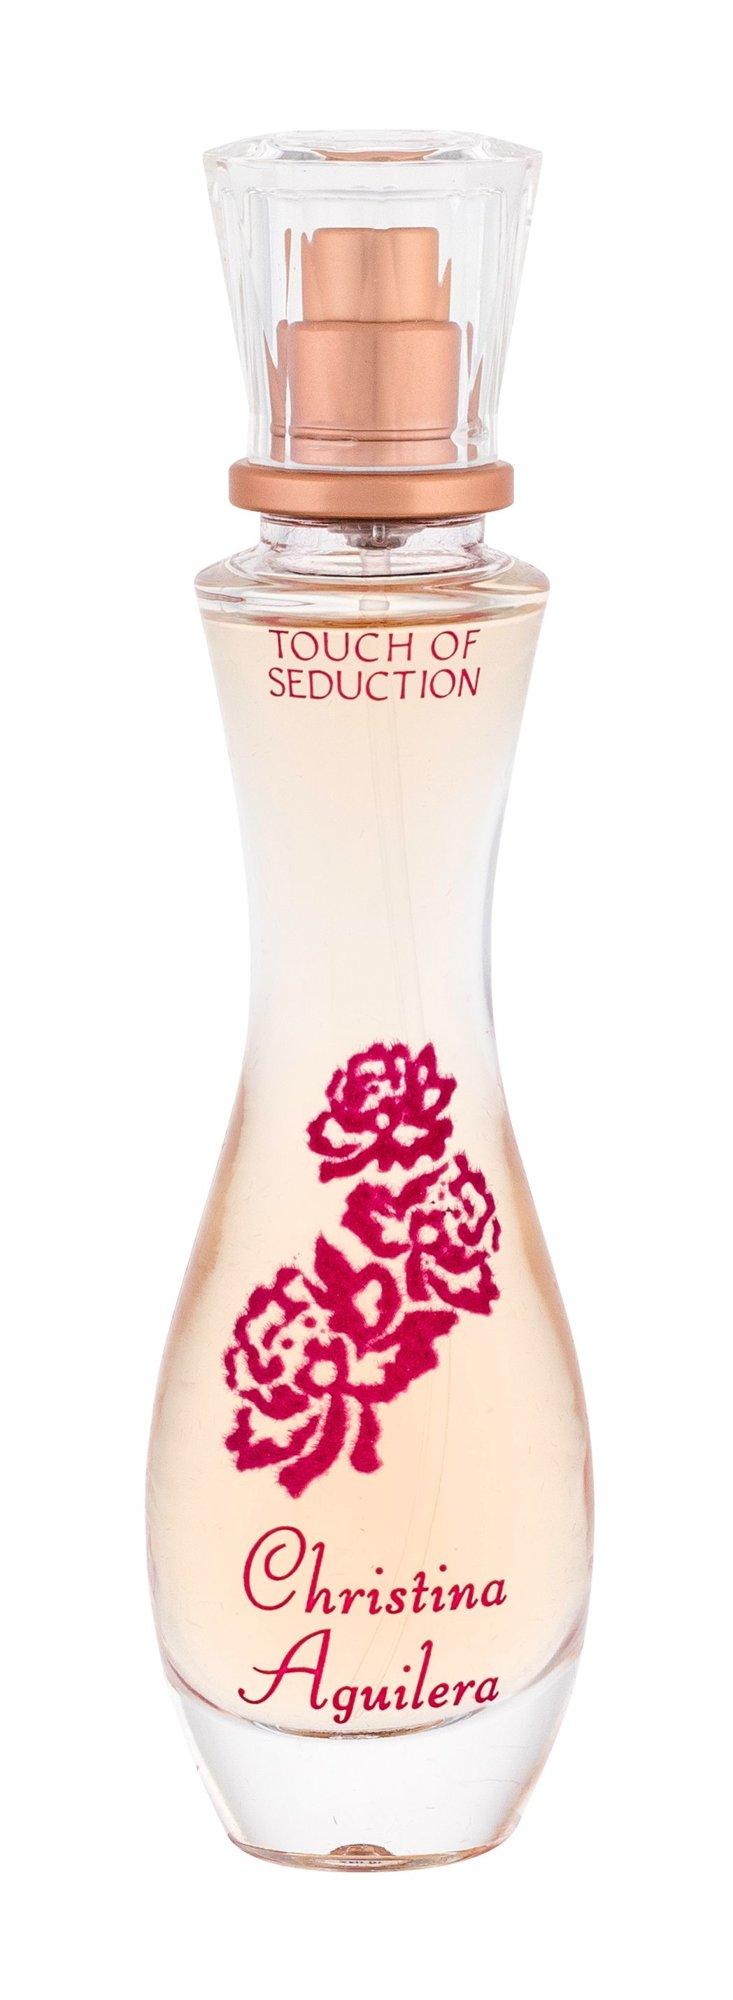 Christina Aguilera Touch of Seduction Eau de Parfum 30ml